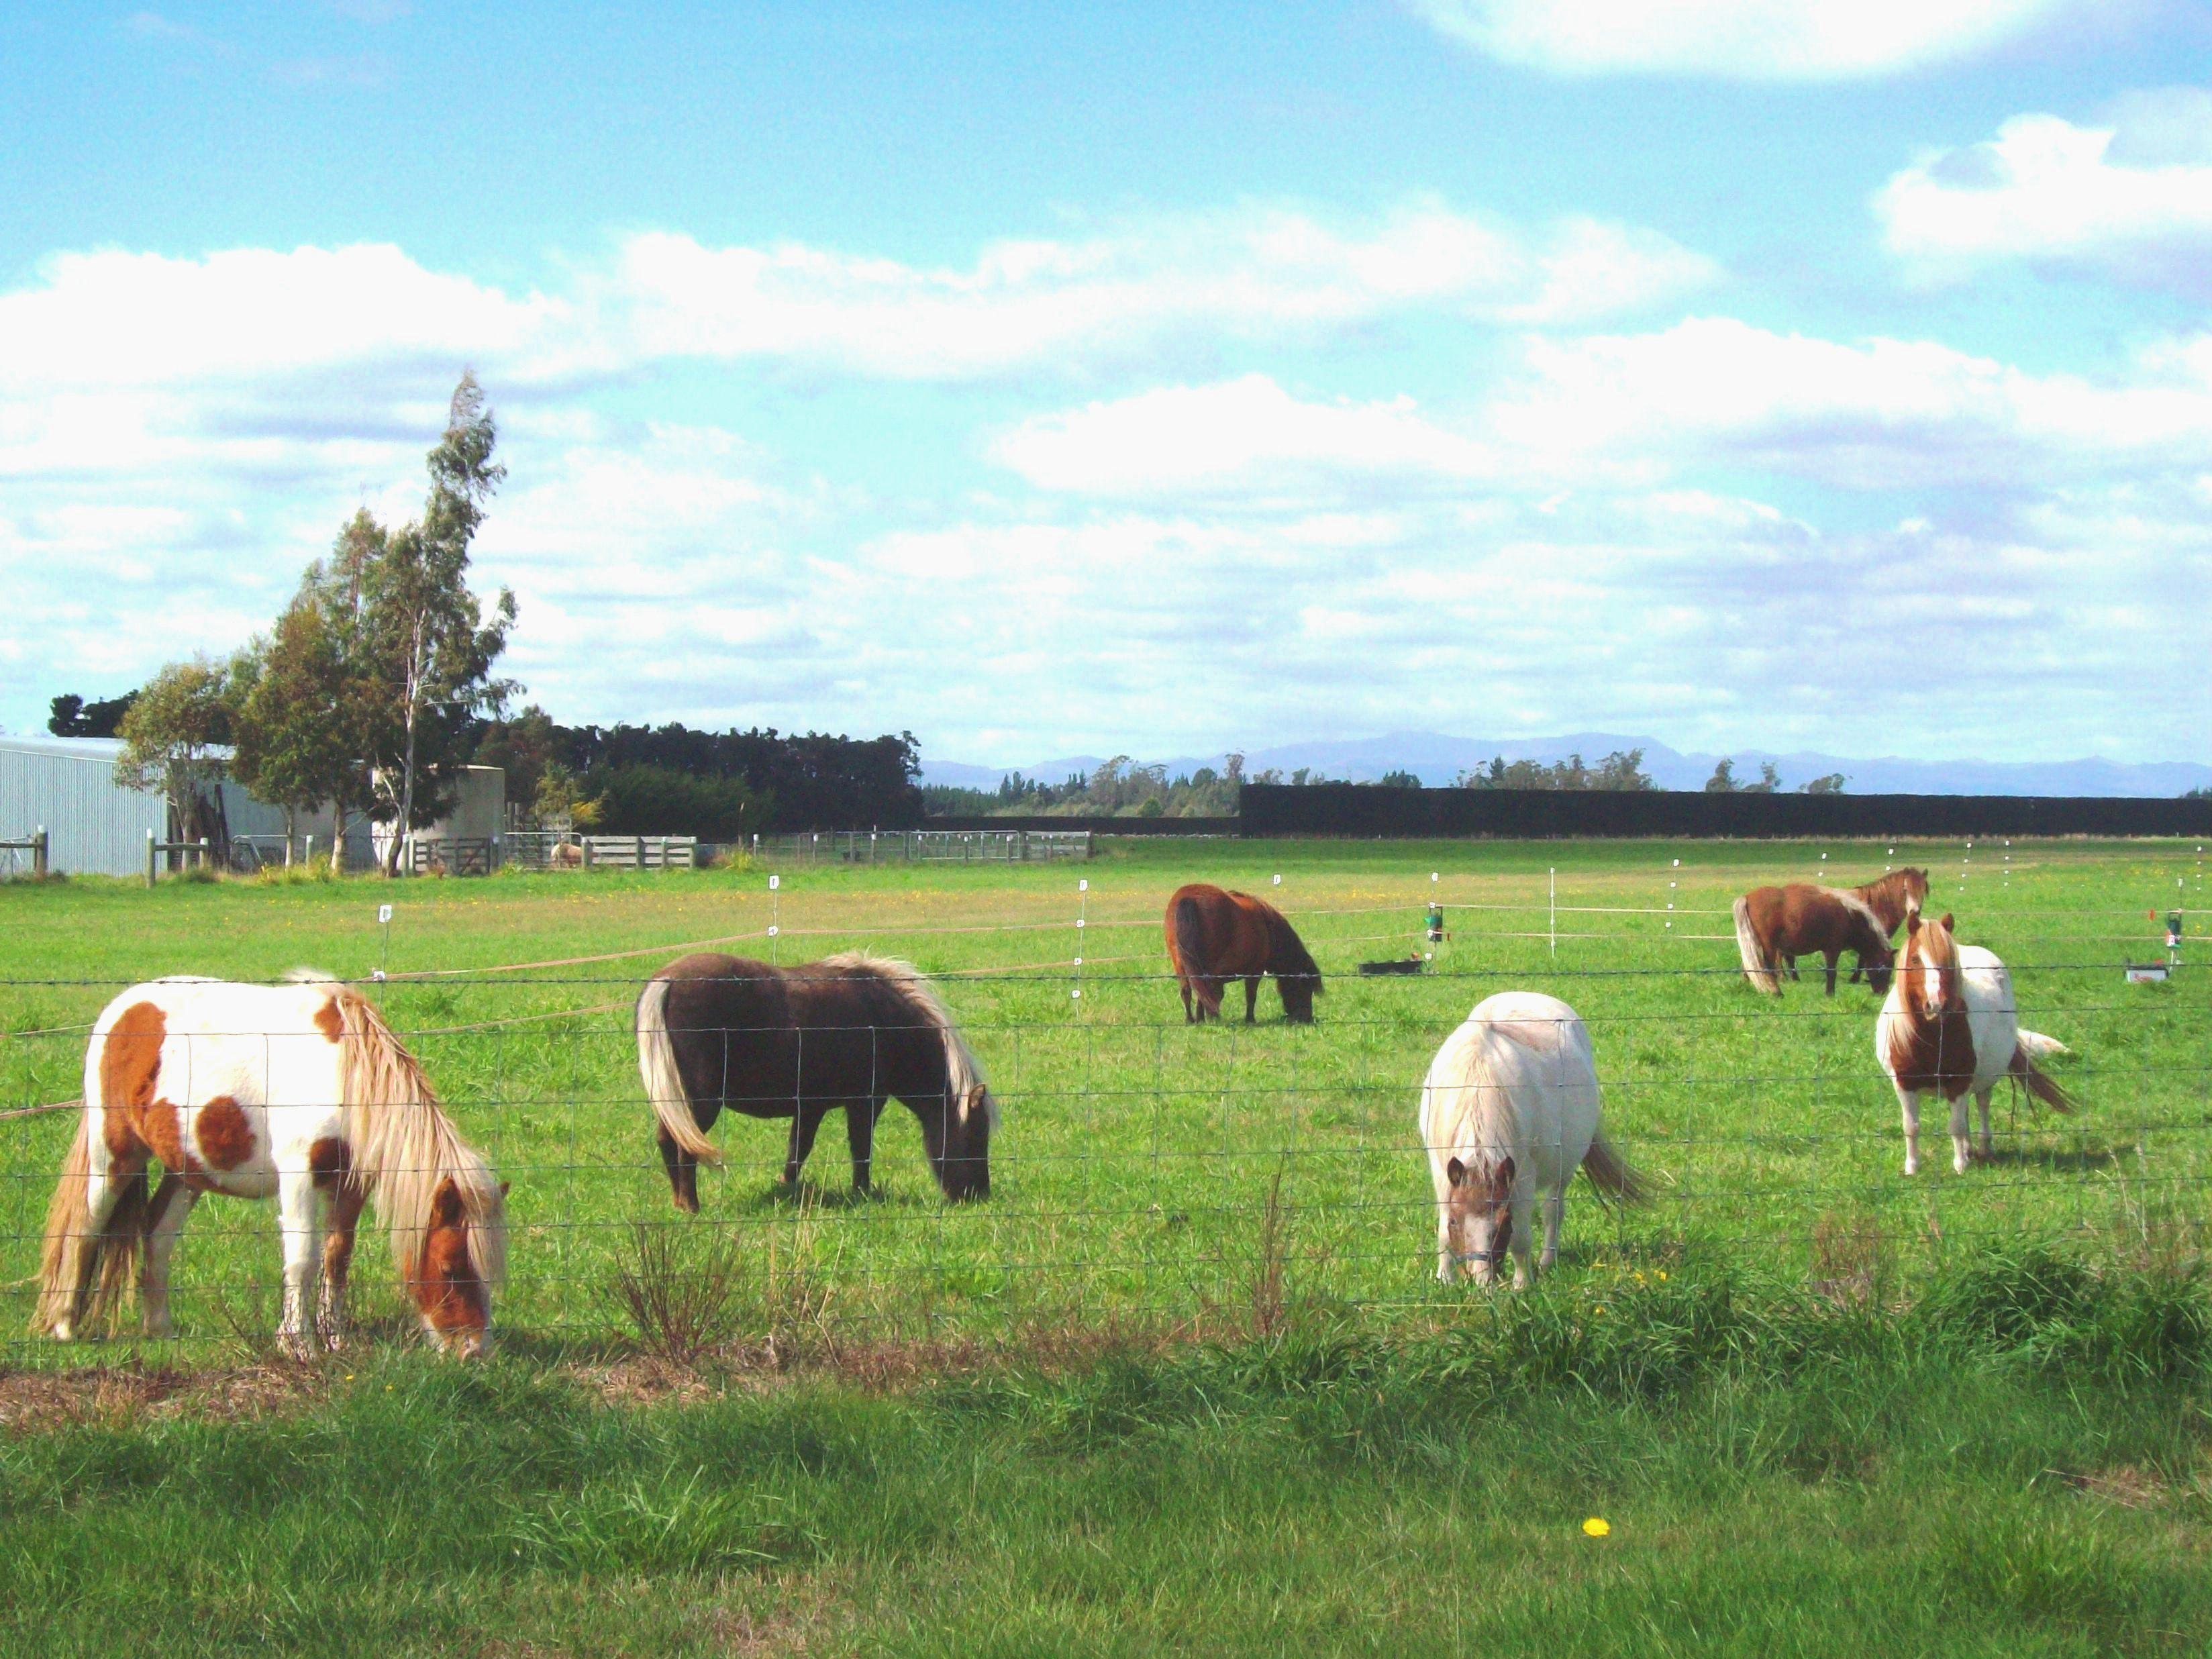 Tiny Ponies - near West Melton, Hoof, Stitching, Seat, Saddle, HQ Photo